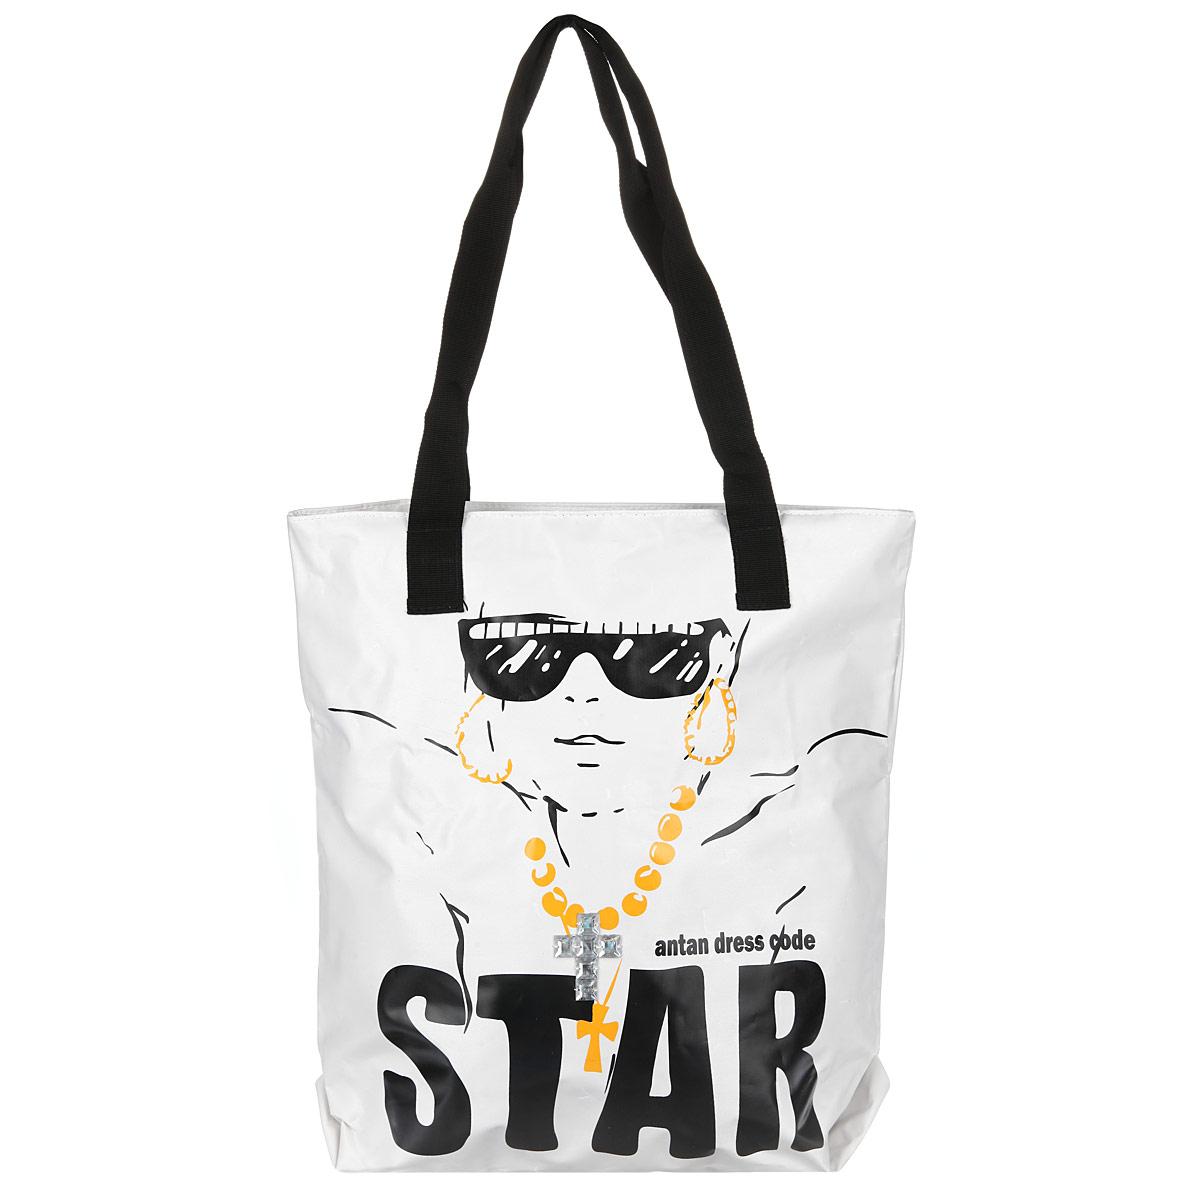 Сумка женская Antan Star, цвет: белый, черный. 1-58 C1-58 C STAR/белыйСтильная сумка Antan выполнена из плотного капровинила и оформлена принтом c изображением девушки в солнечных очках и дополнительным декором - стразами из пластика. Сумка имеет одно вместительное отделение, закрывающееся на застежку-молнию. Внутри - нашивной карман на молнии. Сумка оснащена двумя удобными ручками из текстиля, позволяющими носить ее на плече. Такая сумка будет незаменима при походе на пляж или для загородной прогулки.